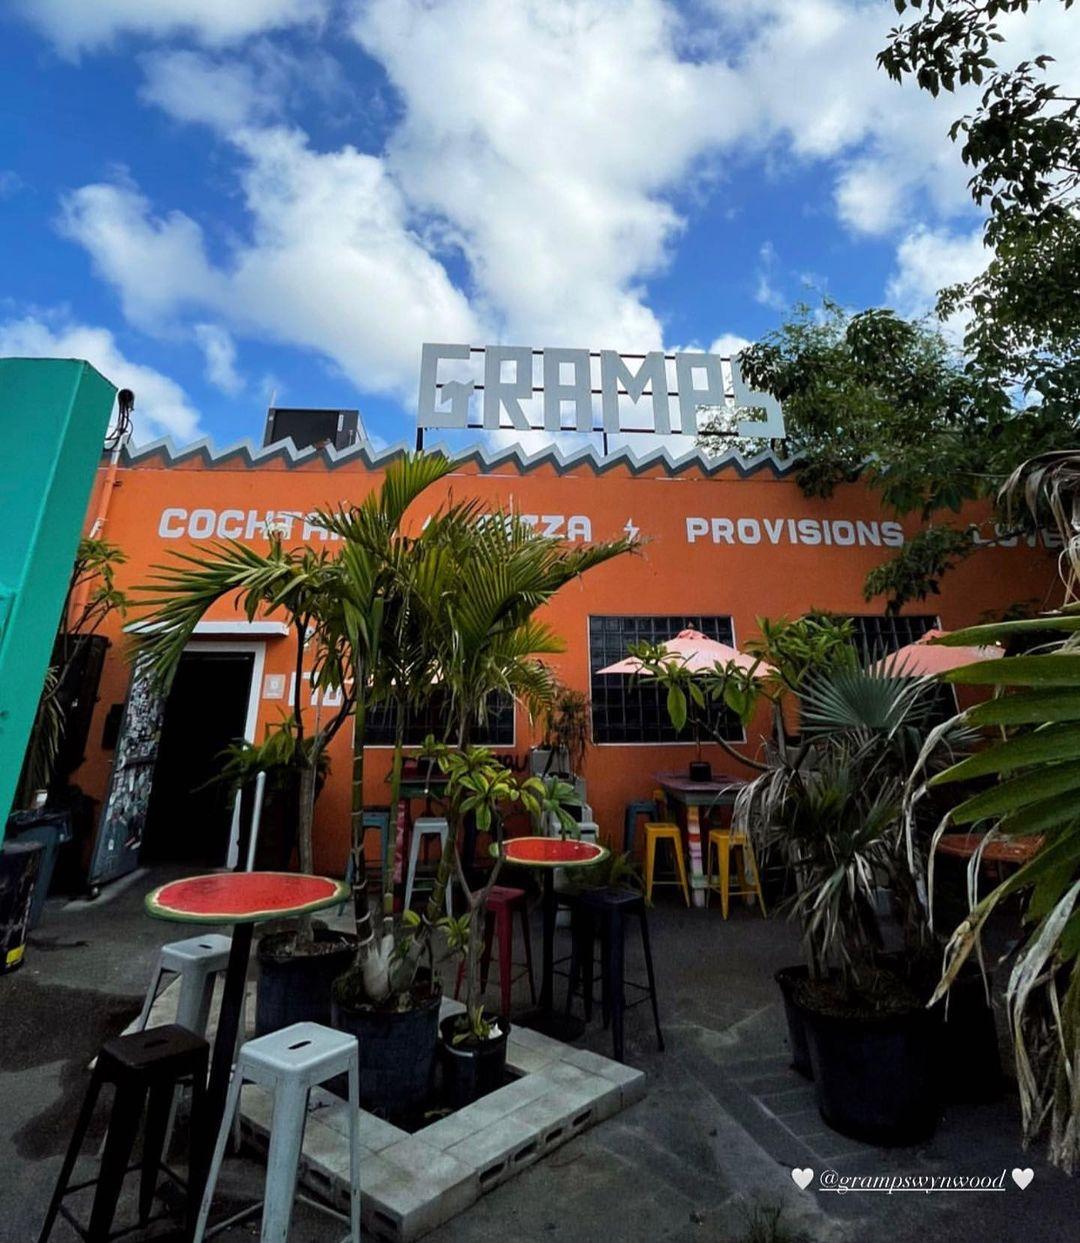 Gramps Miami photo by allseeingmedia